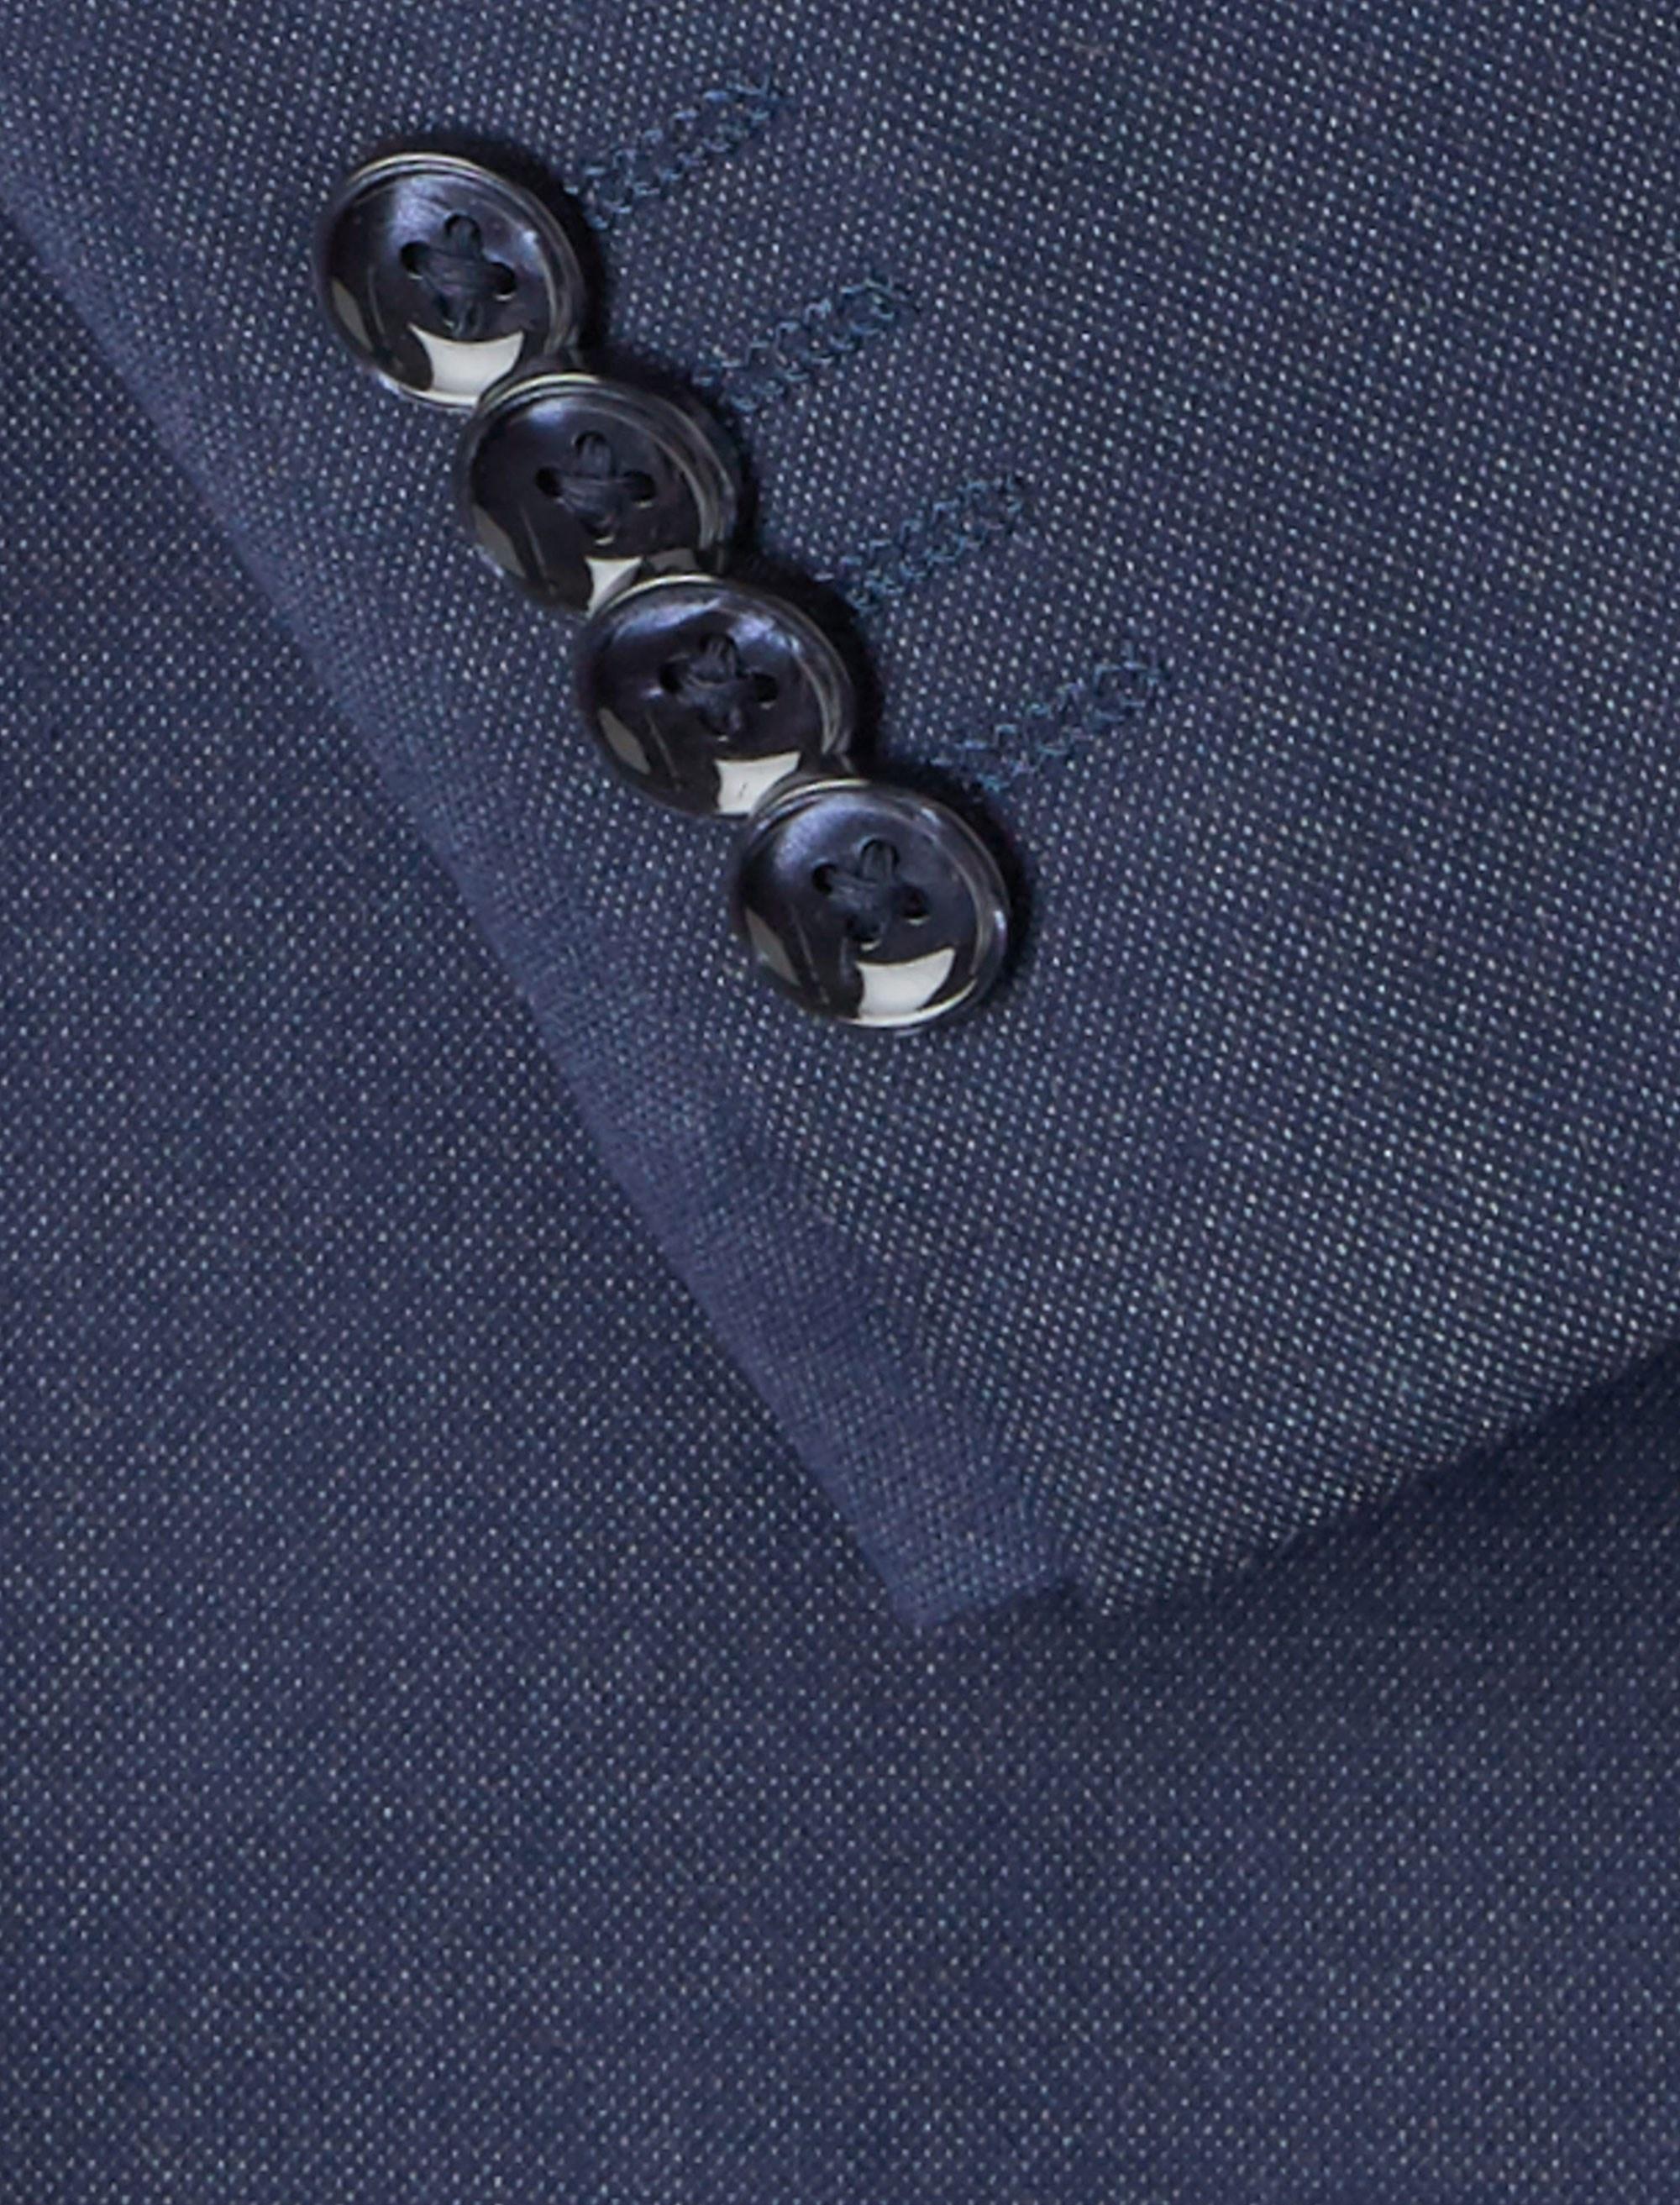 کت تک رسمی مردانه - مانگو - آبي - 6